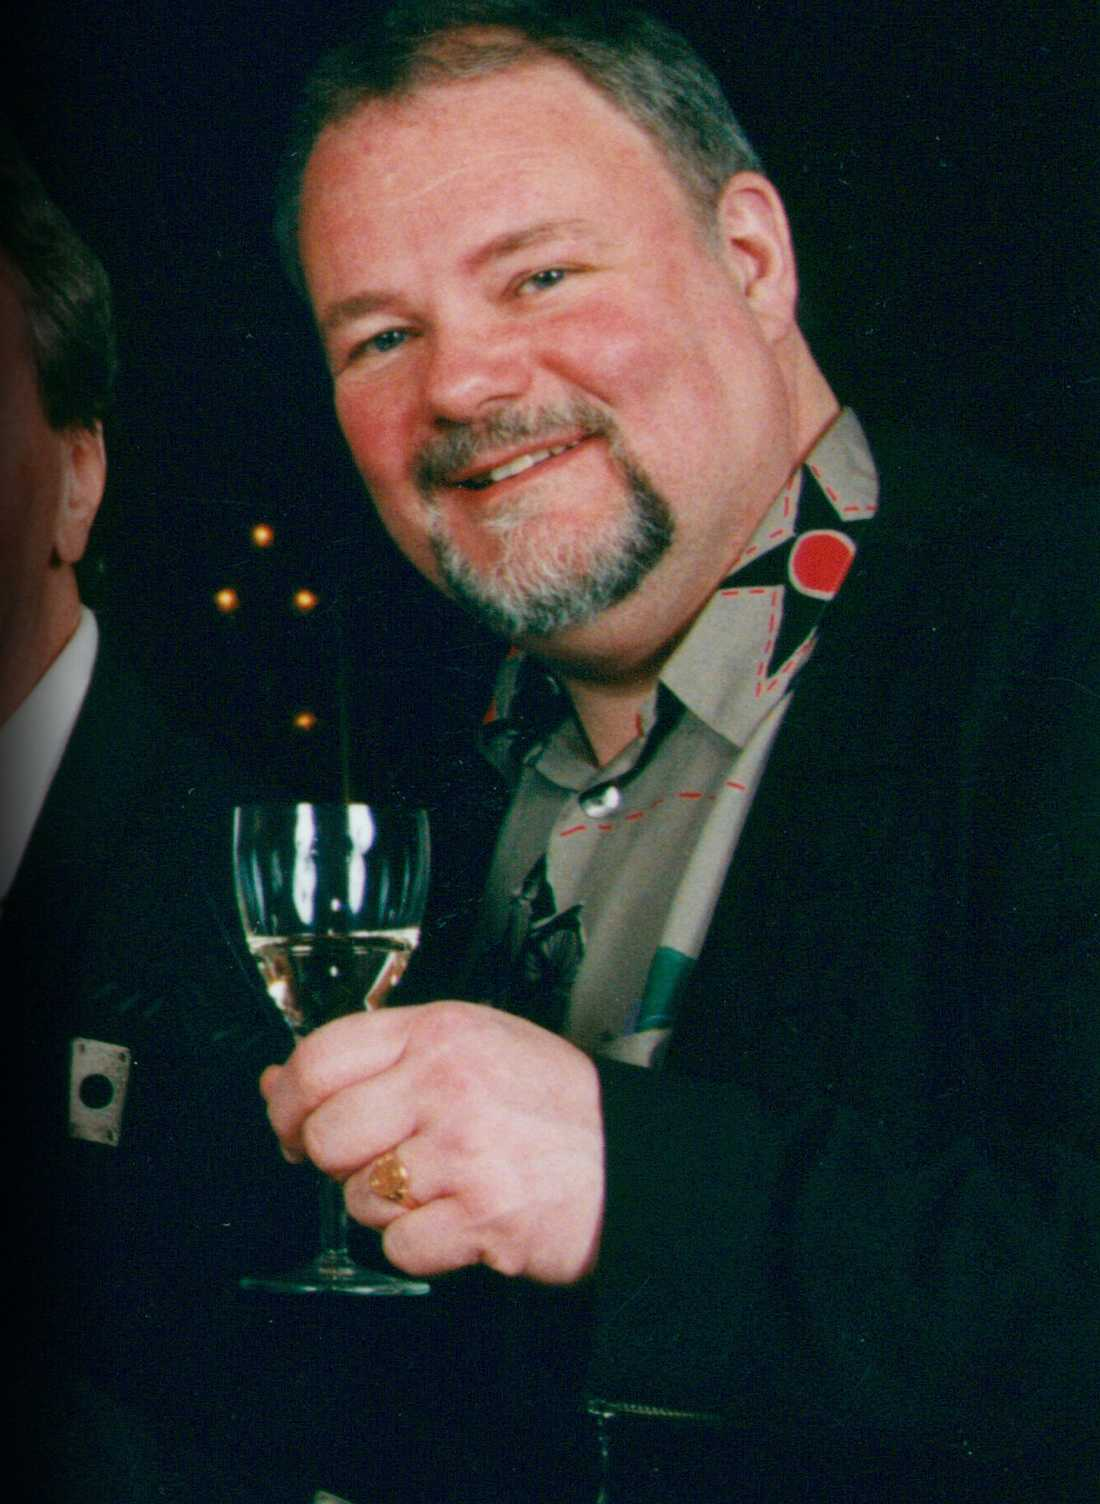 Thommy Gustafsson från bandet Sven-Ingvars.